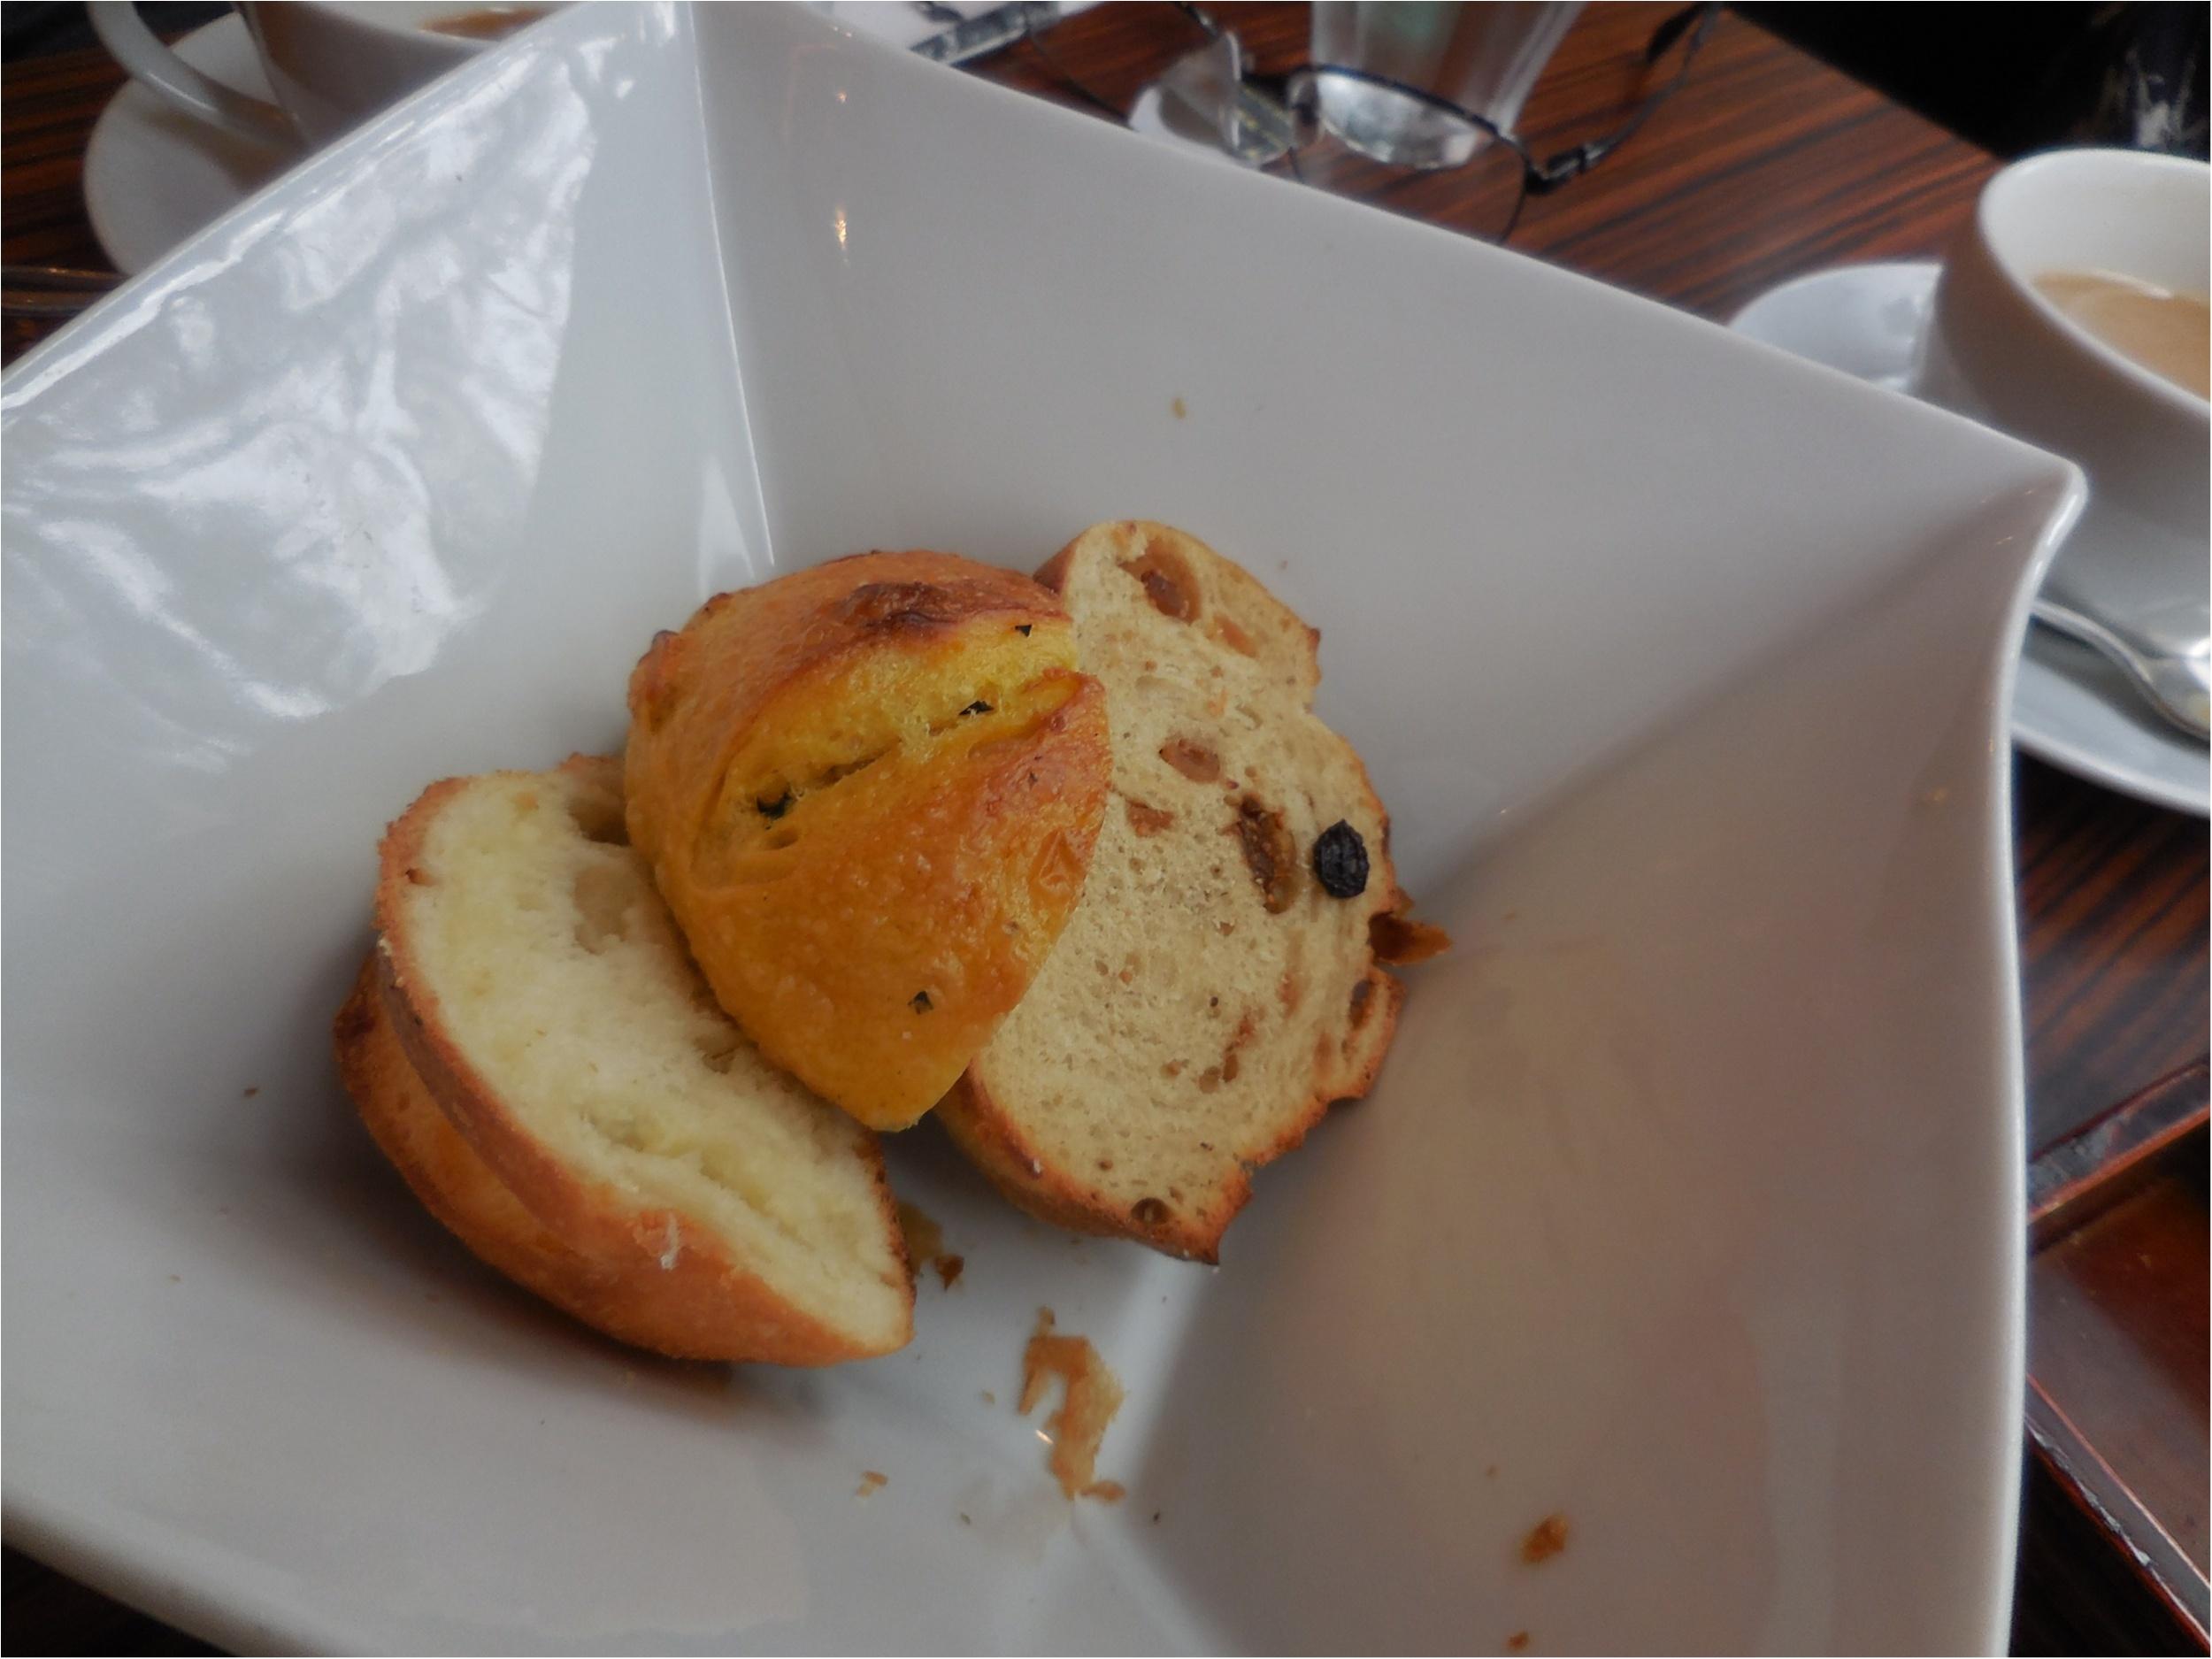 【メゾンカイザーカフェ】メゾンカイザーのパンが食べ放題のランチ_4